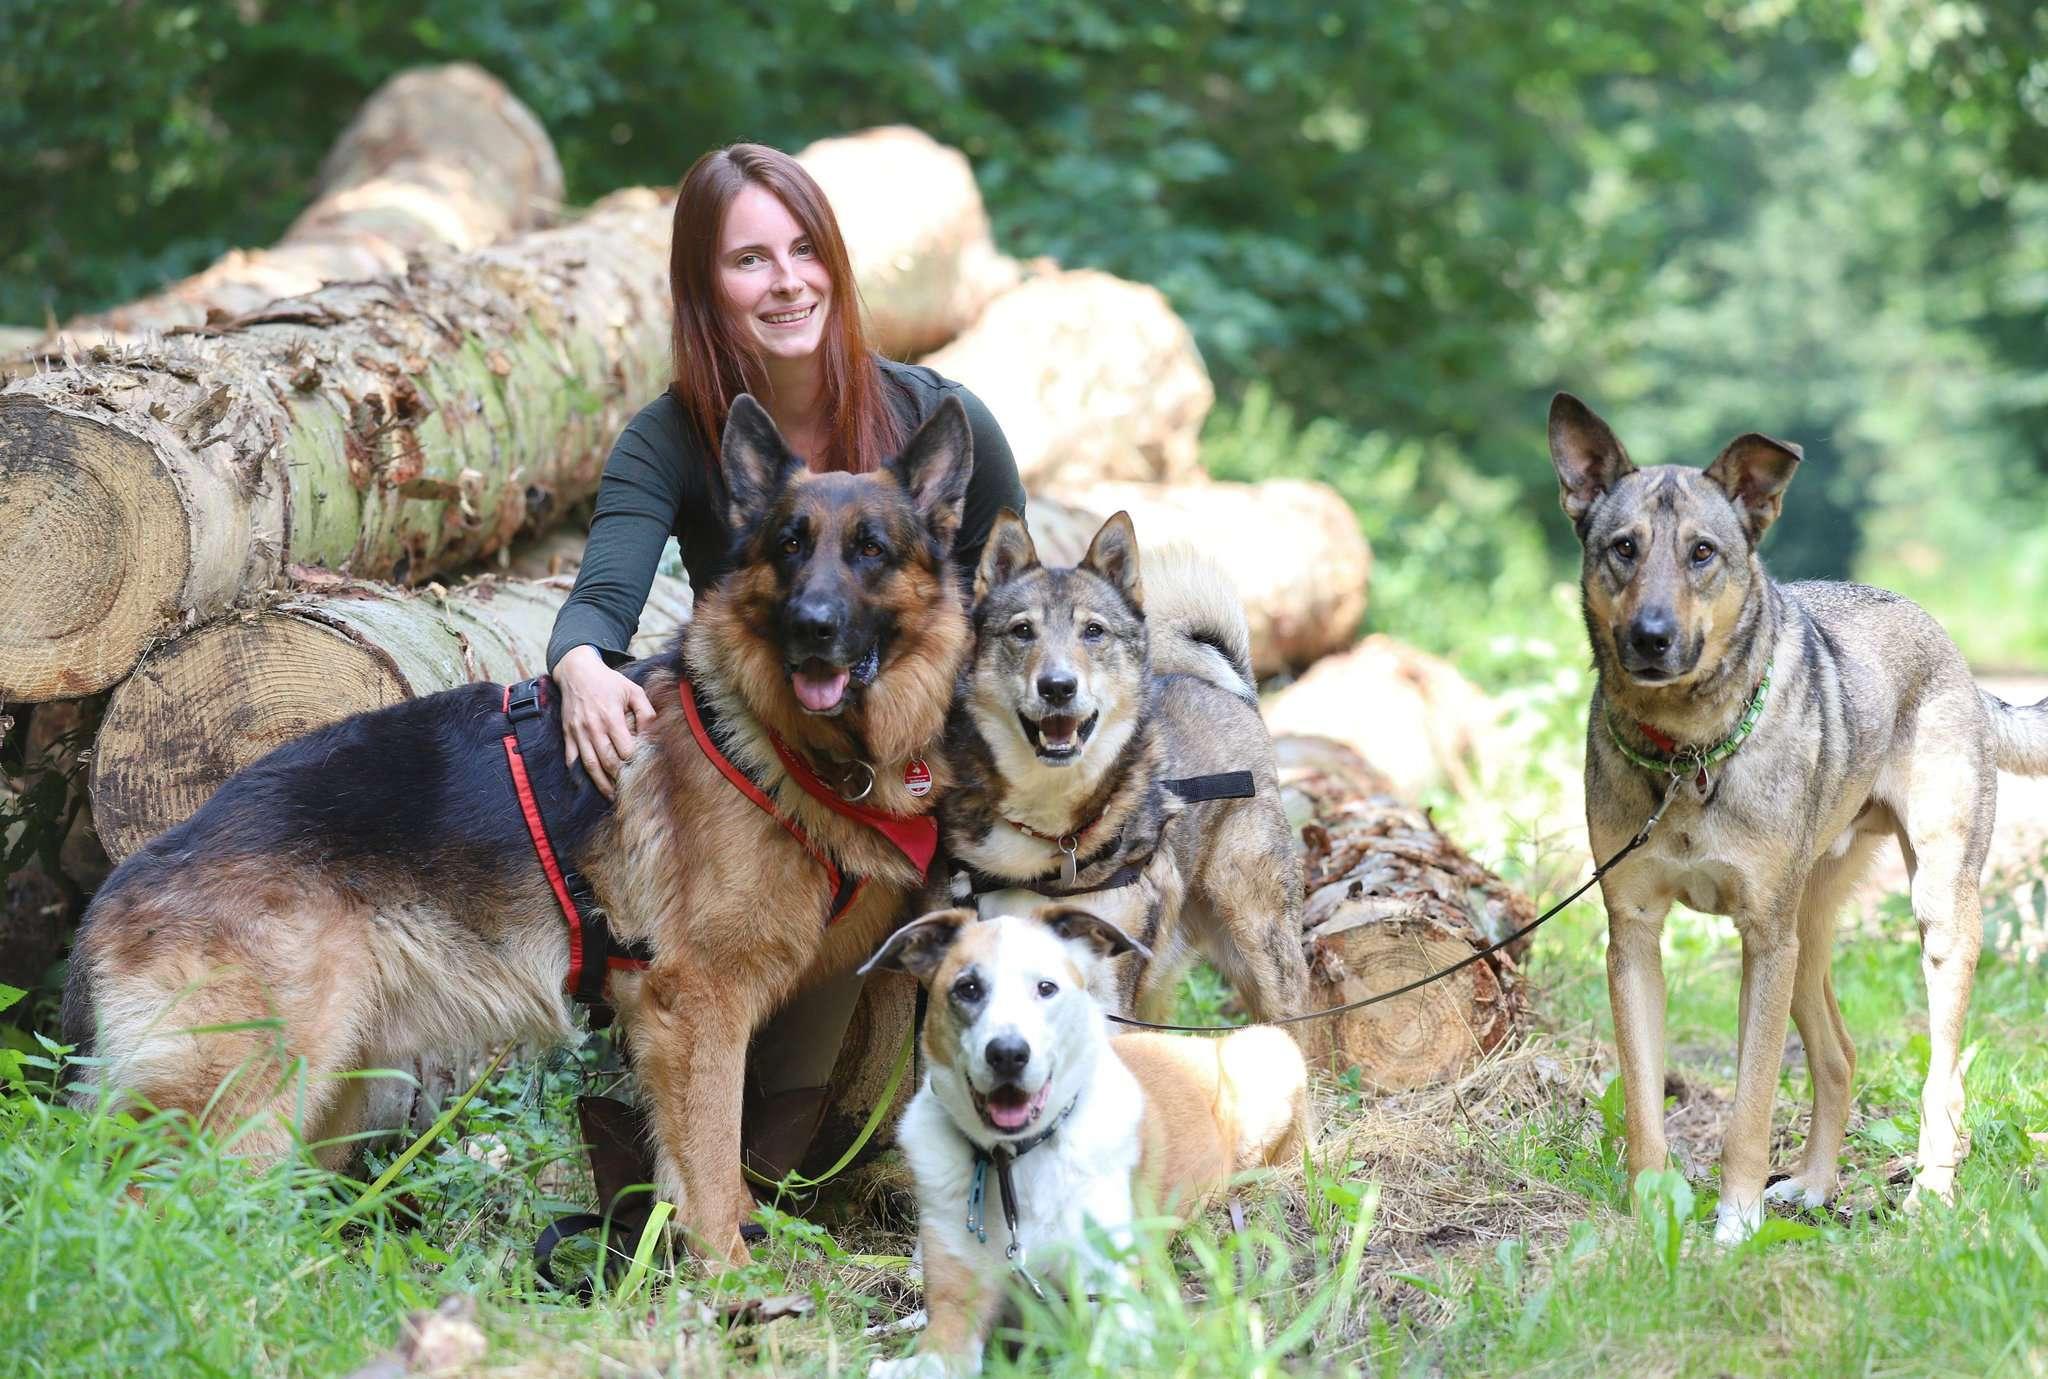 Alles entspannt? Damit es mit dem besten Vierbeinerfreund klappt, hilft Hundepsychologin Lena Jaudzin.